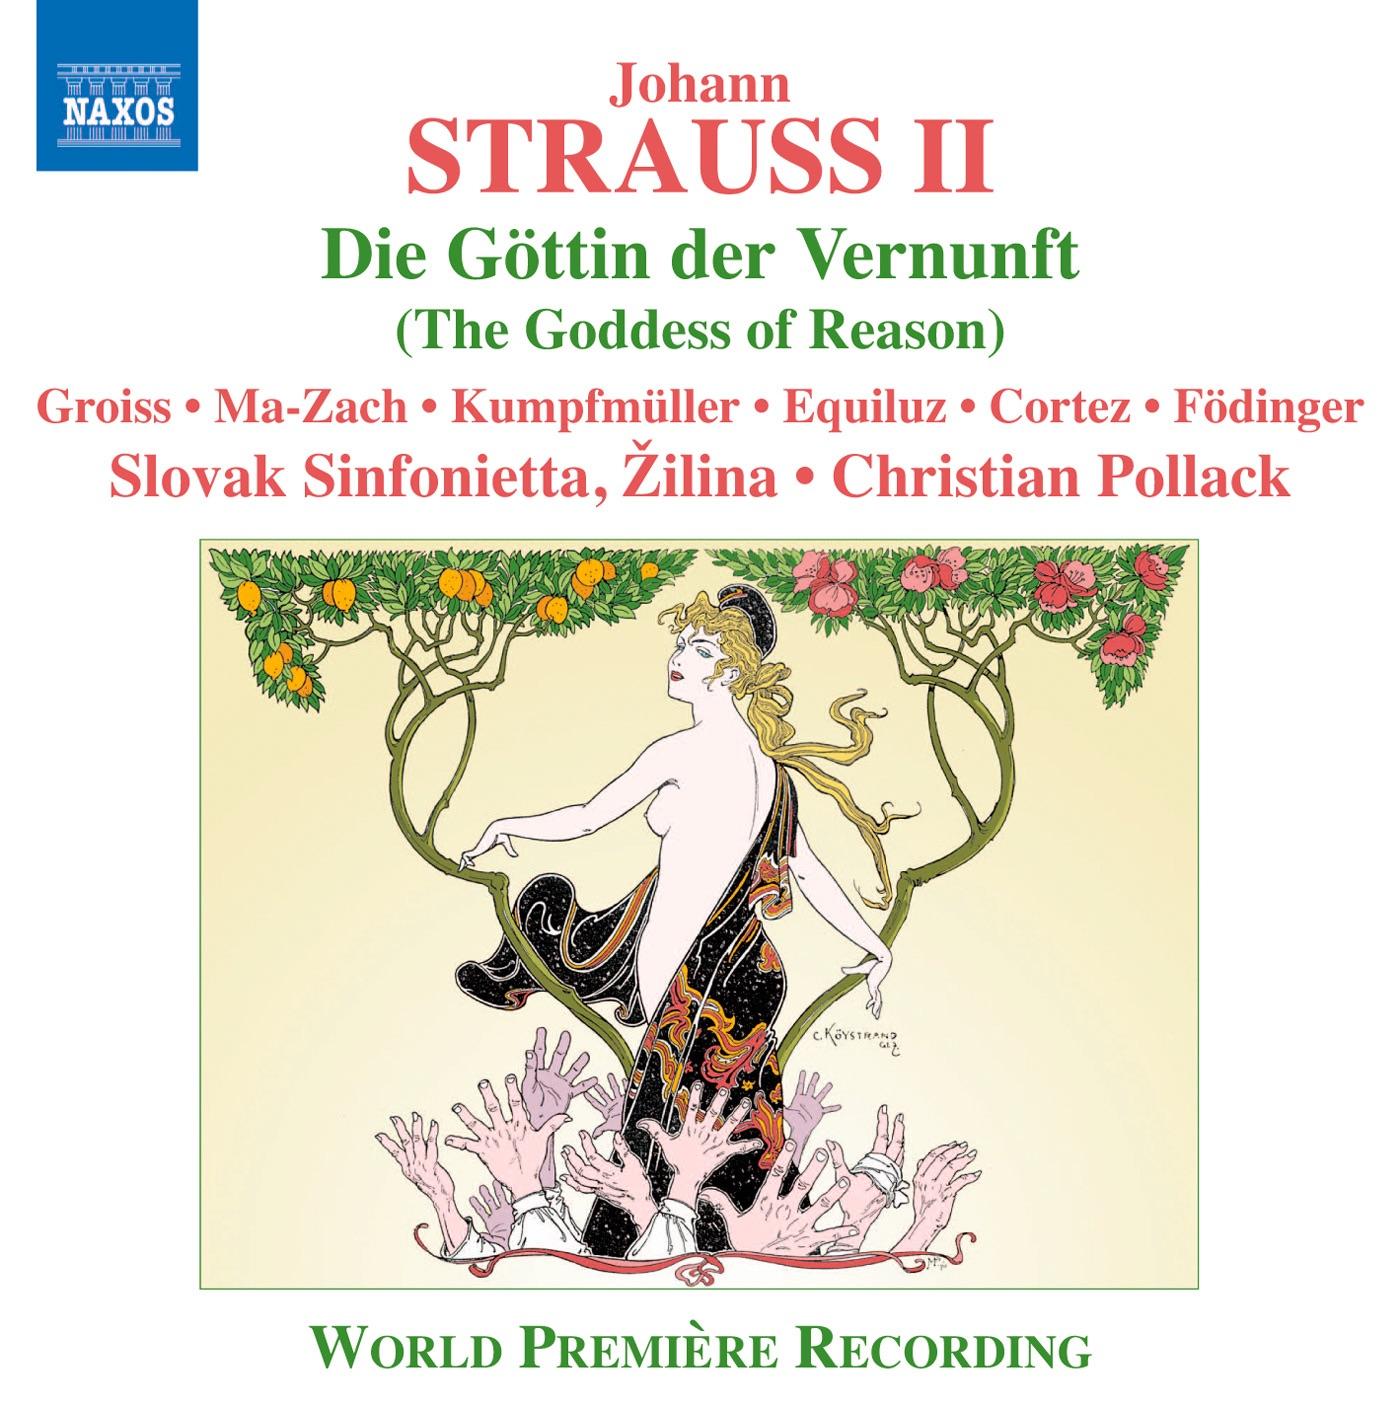 J. Strauss II - Die Gottin der Vernunft, Divertissement, Op. 160,